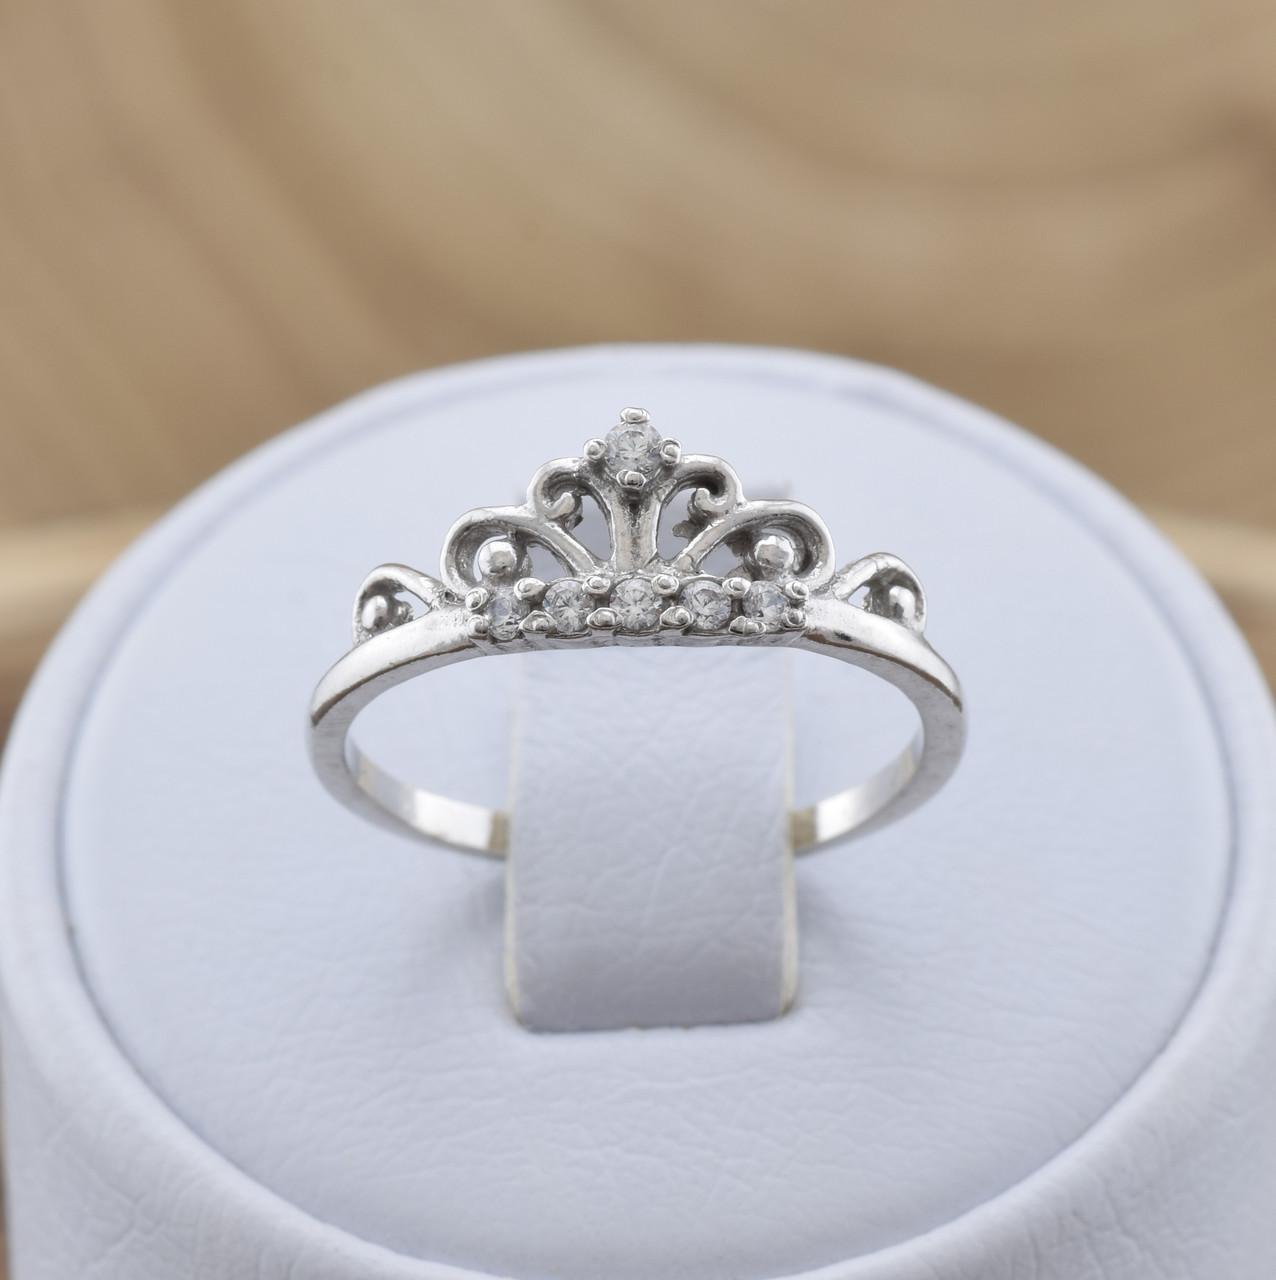 Серебряное кольцо Диадема вставка белые фианиты вес 1.5 г размер 18